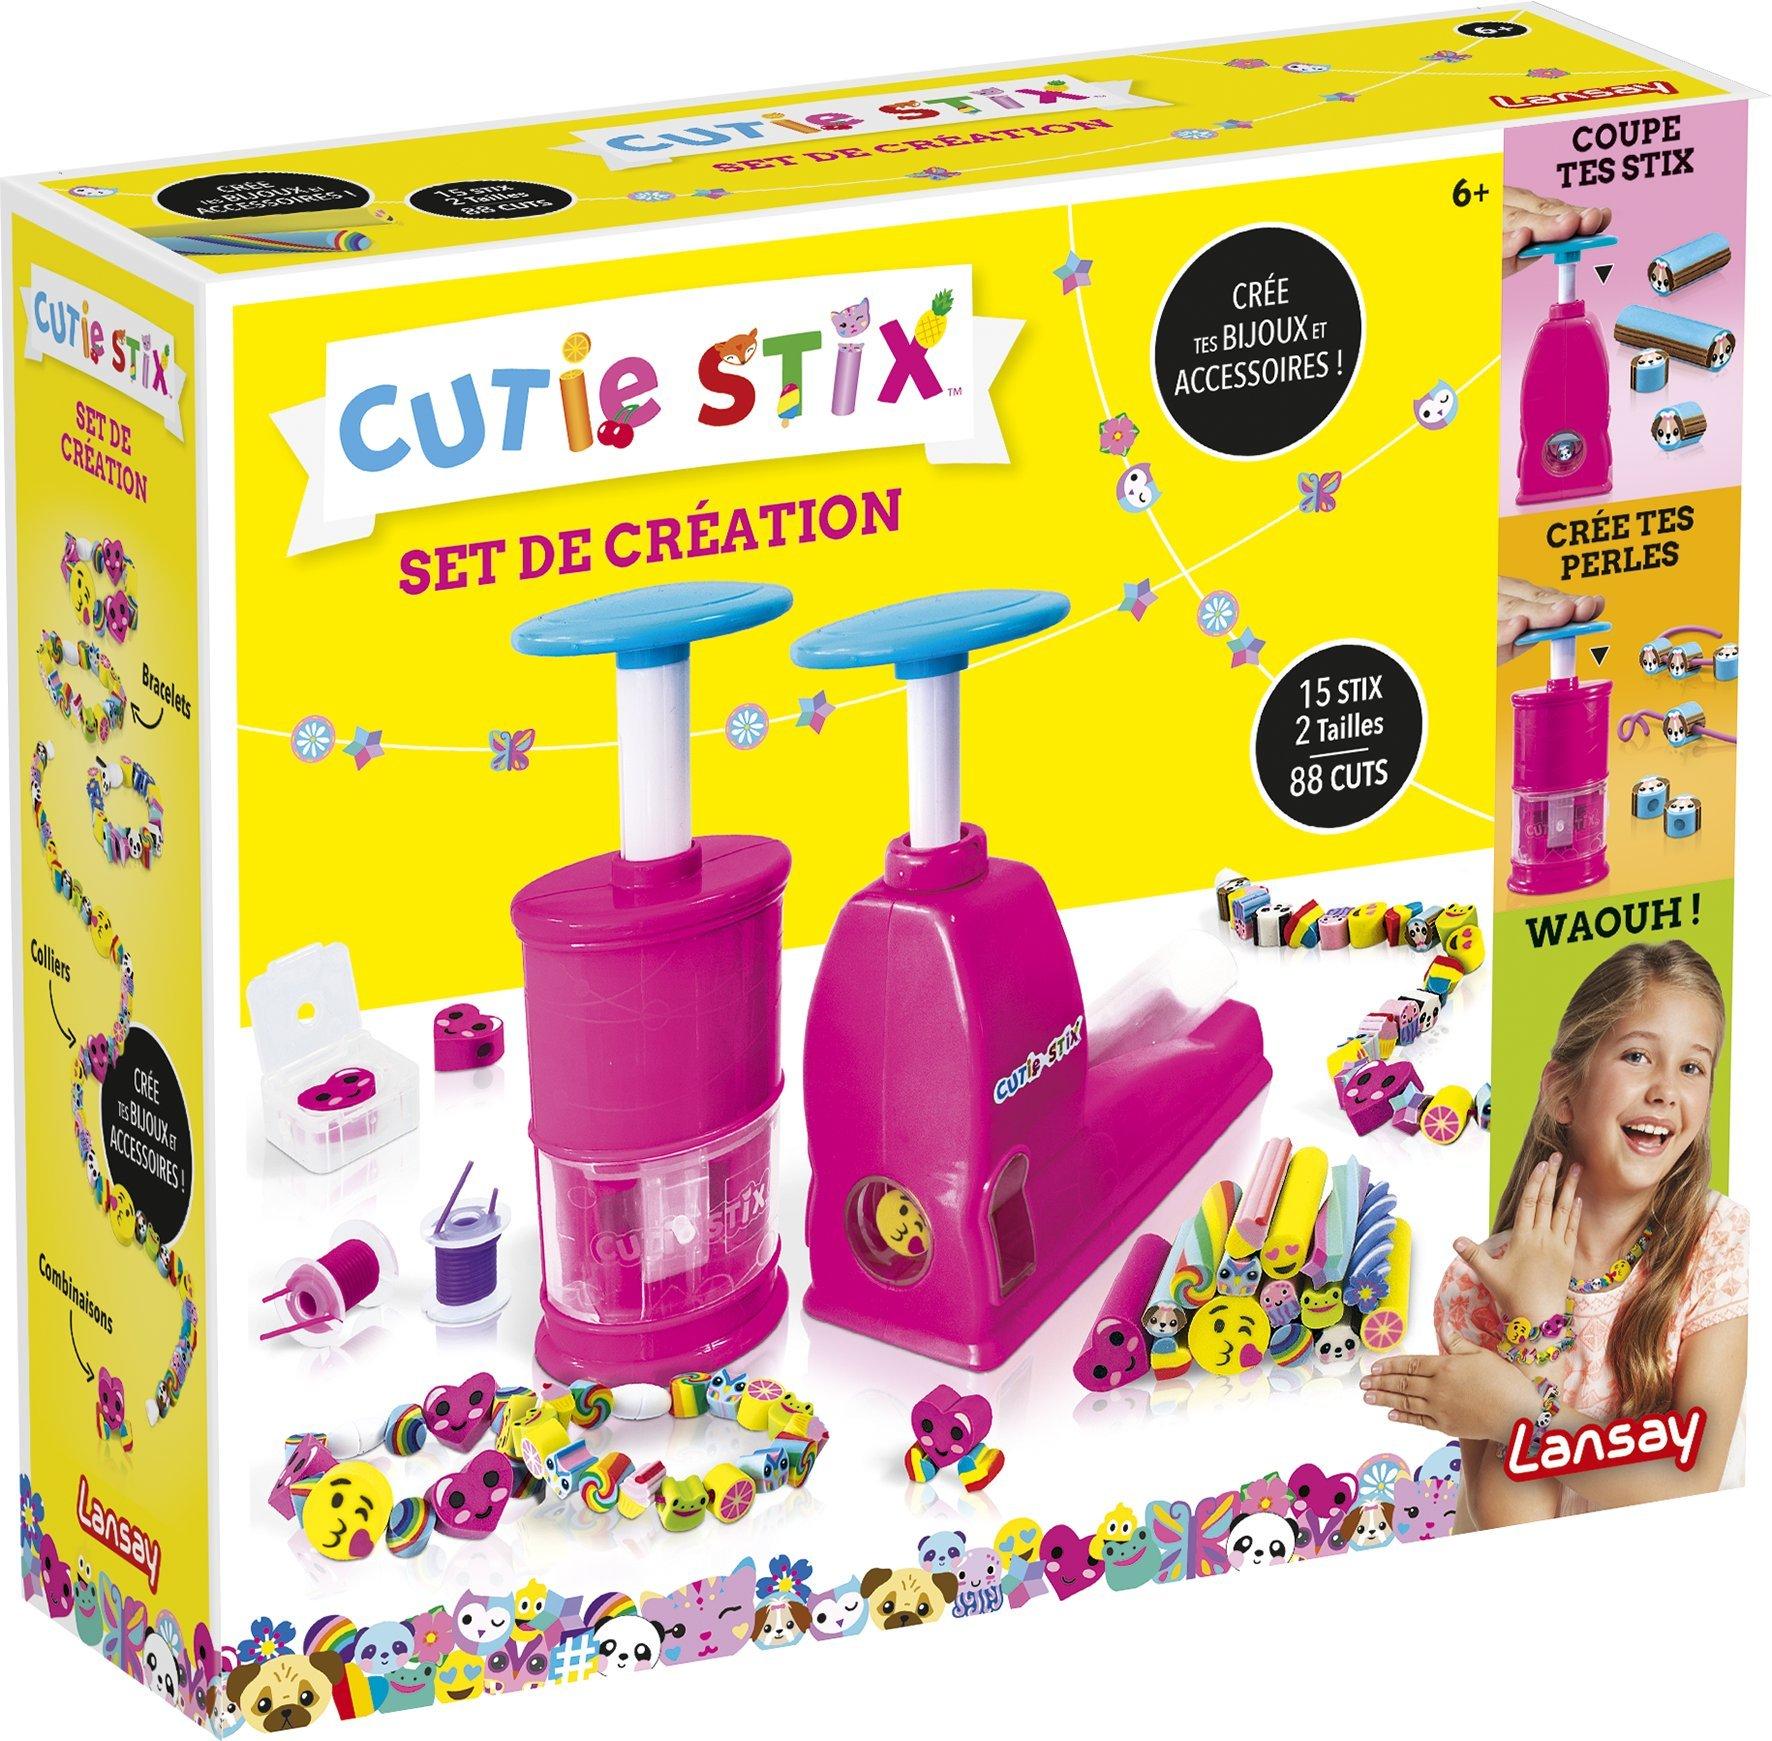 Lansay - 33131 - Cutie Stix Set de Création product image